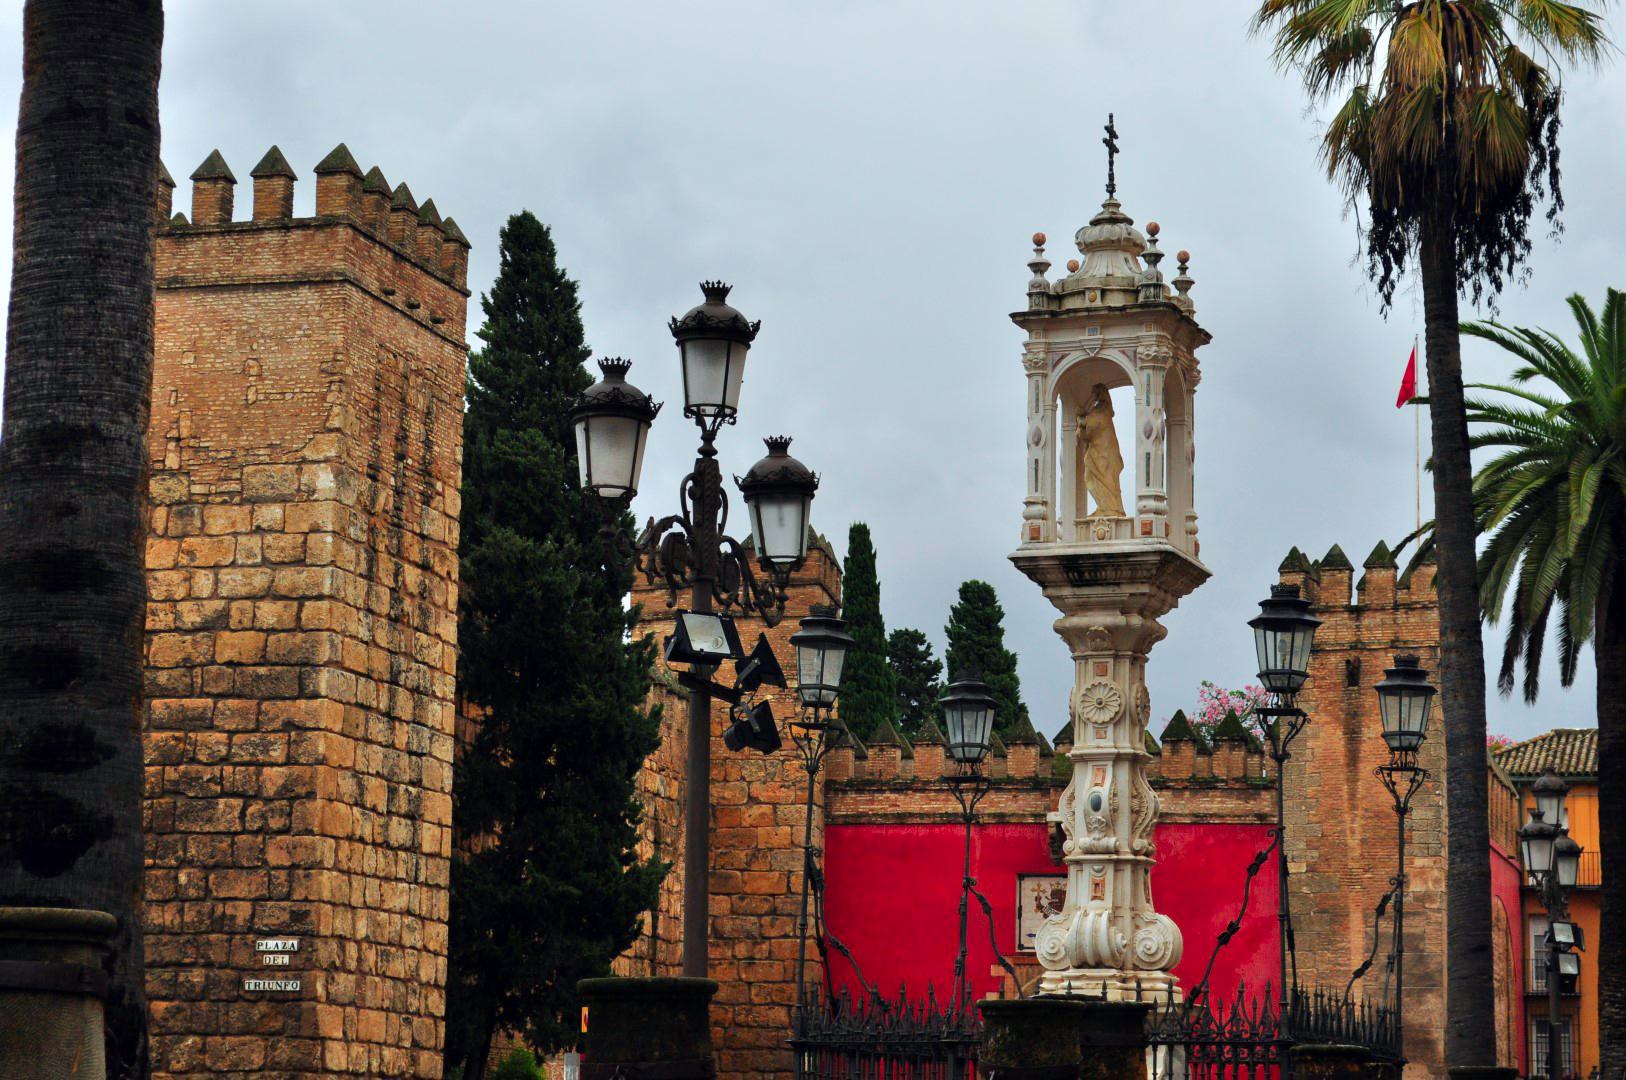 Qué ver en Sevilla, España - What to see in Sevilla, Spain qué ver en sevilla - 30706406933 276b8f5b88 o - Qué ver en Sevilla